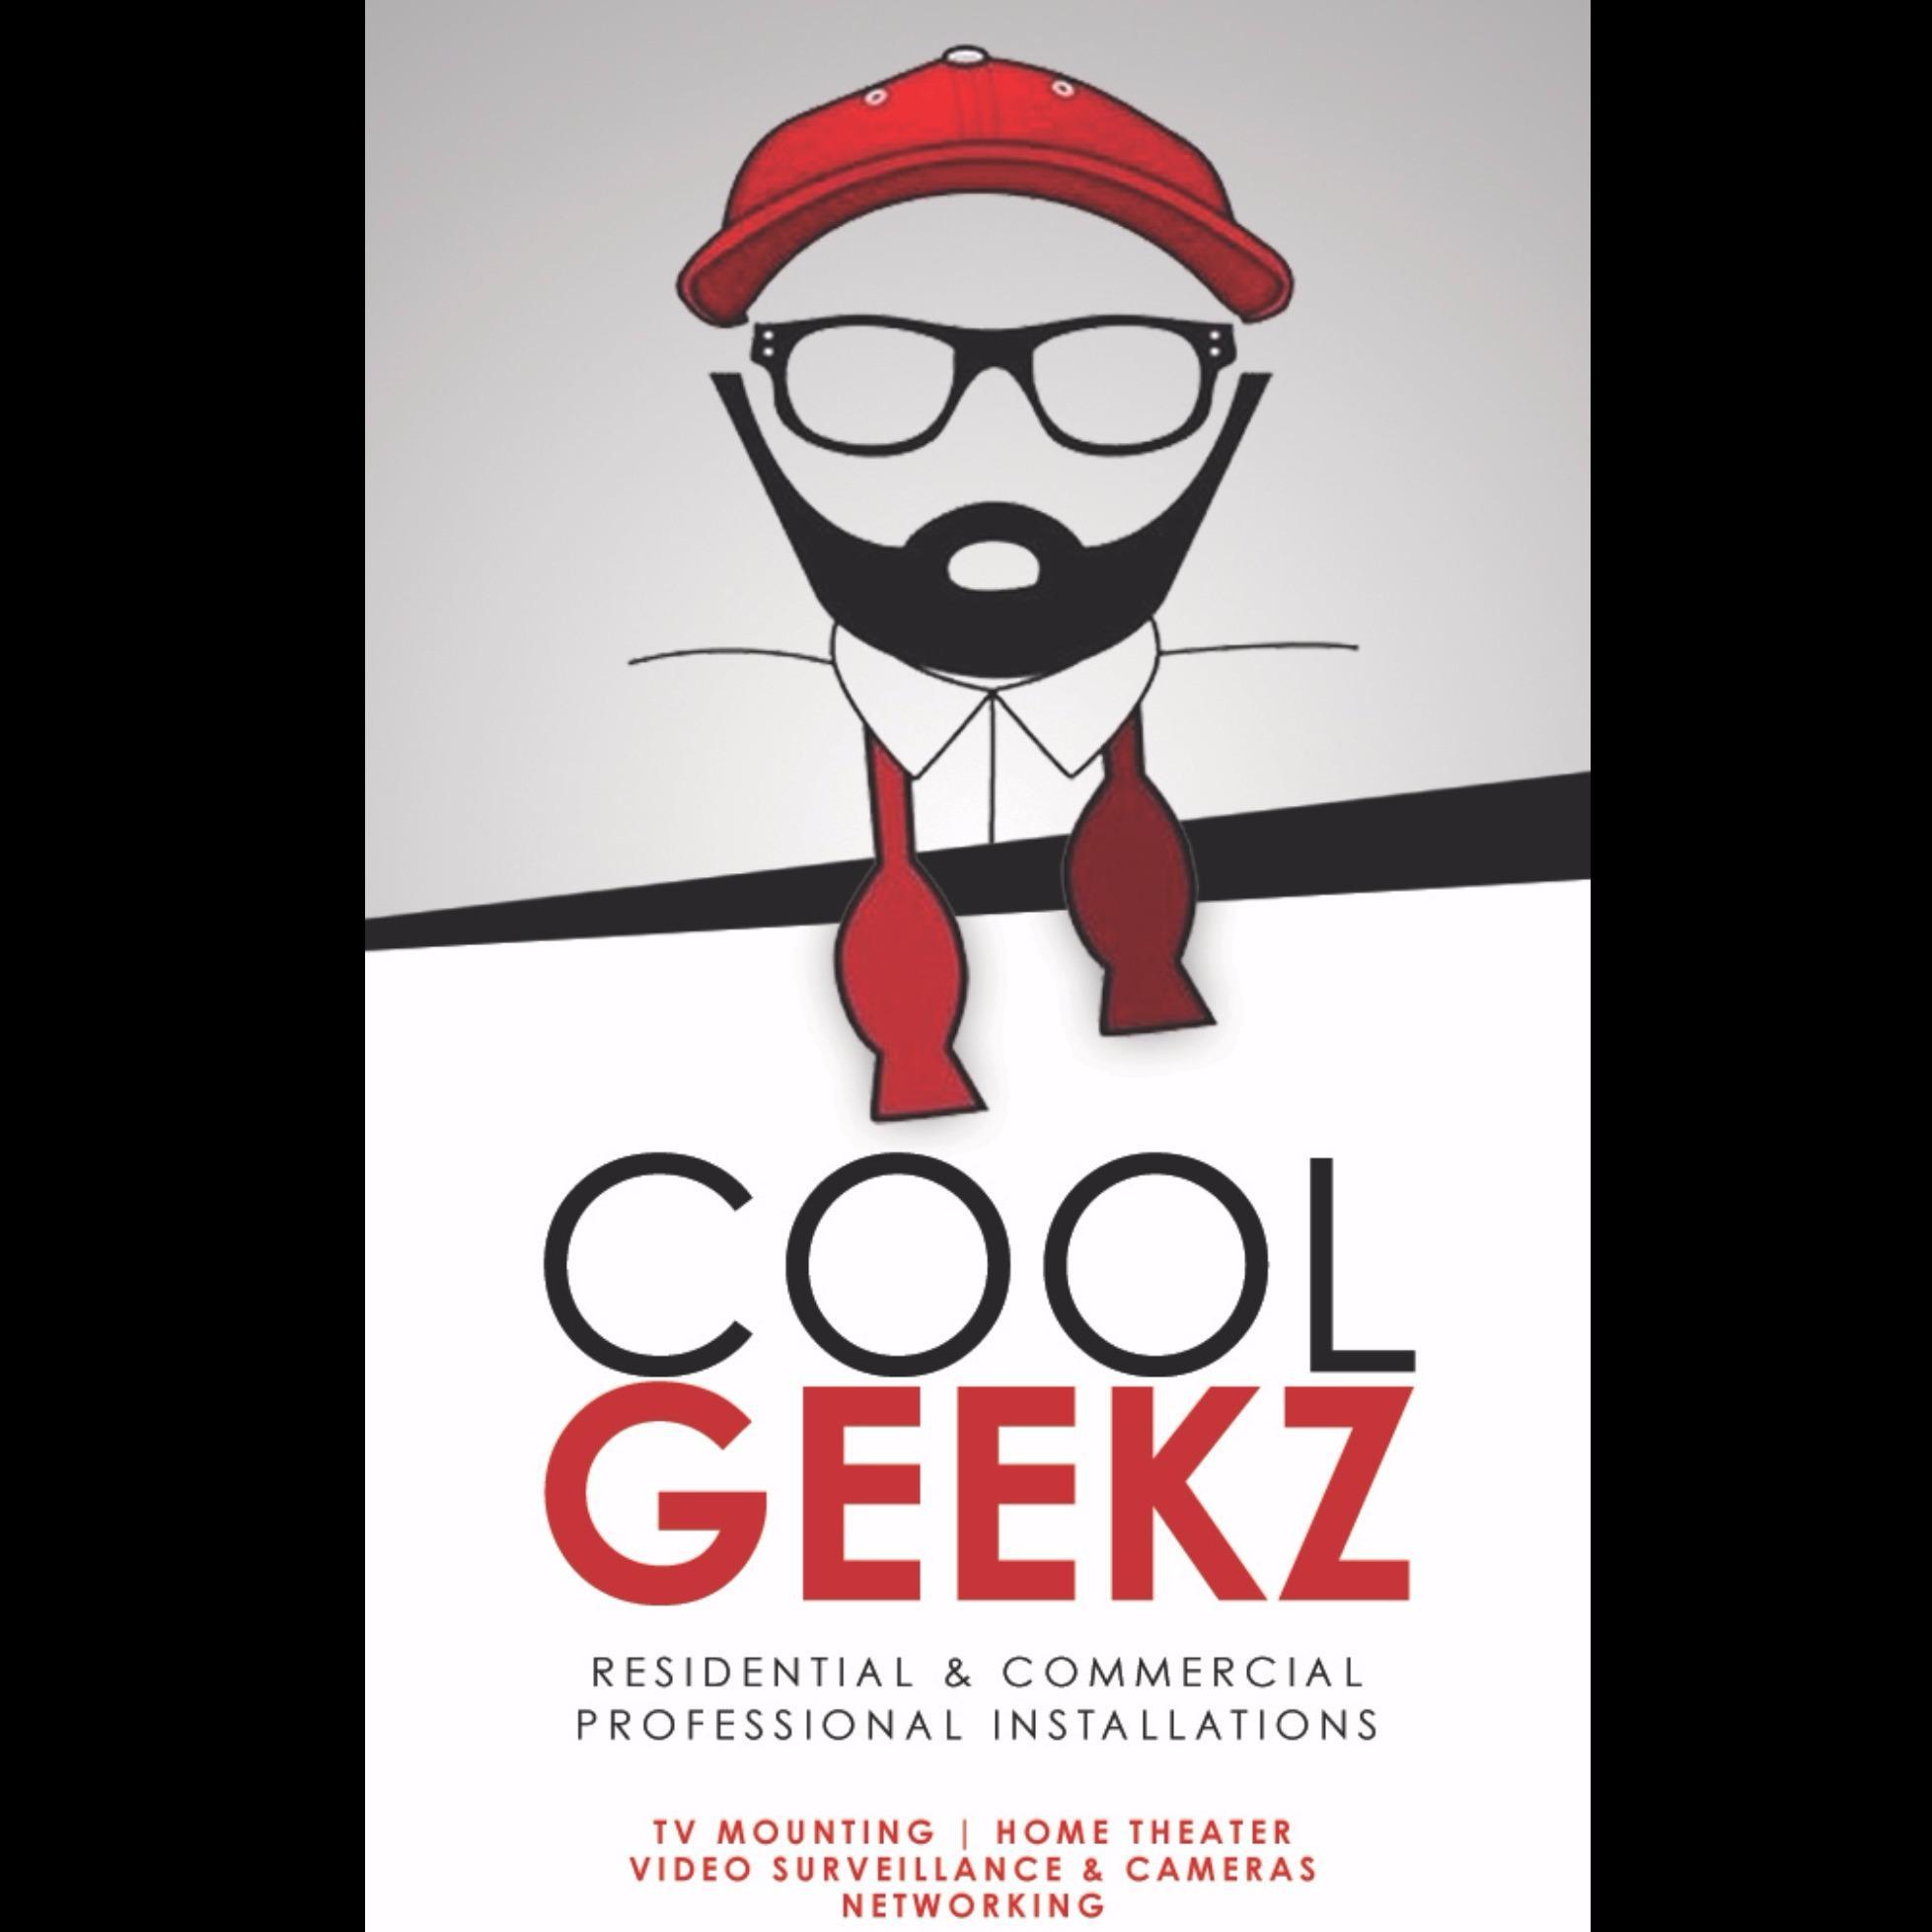 Cool Geekz